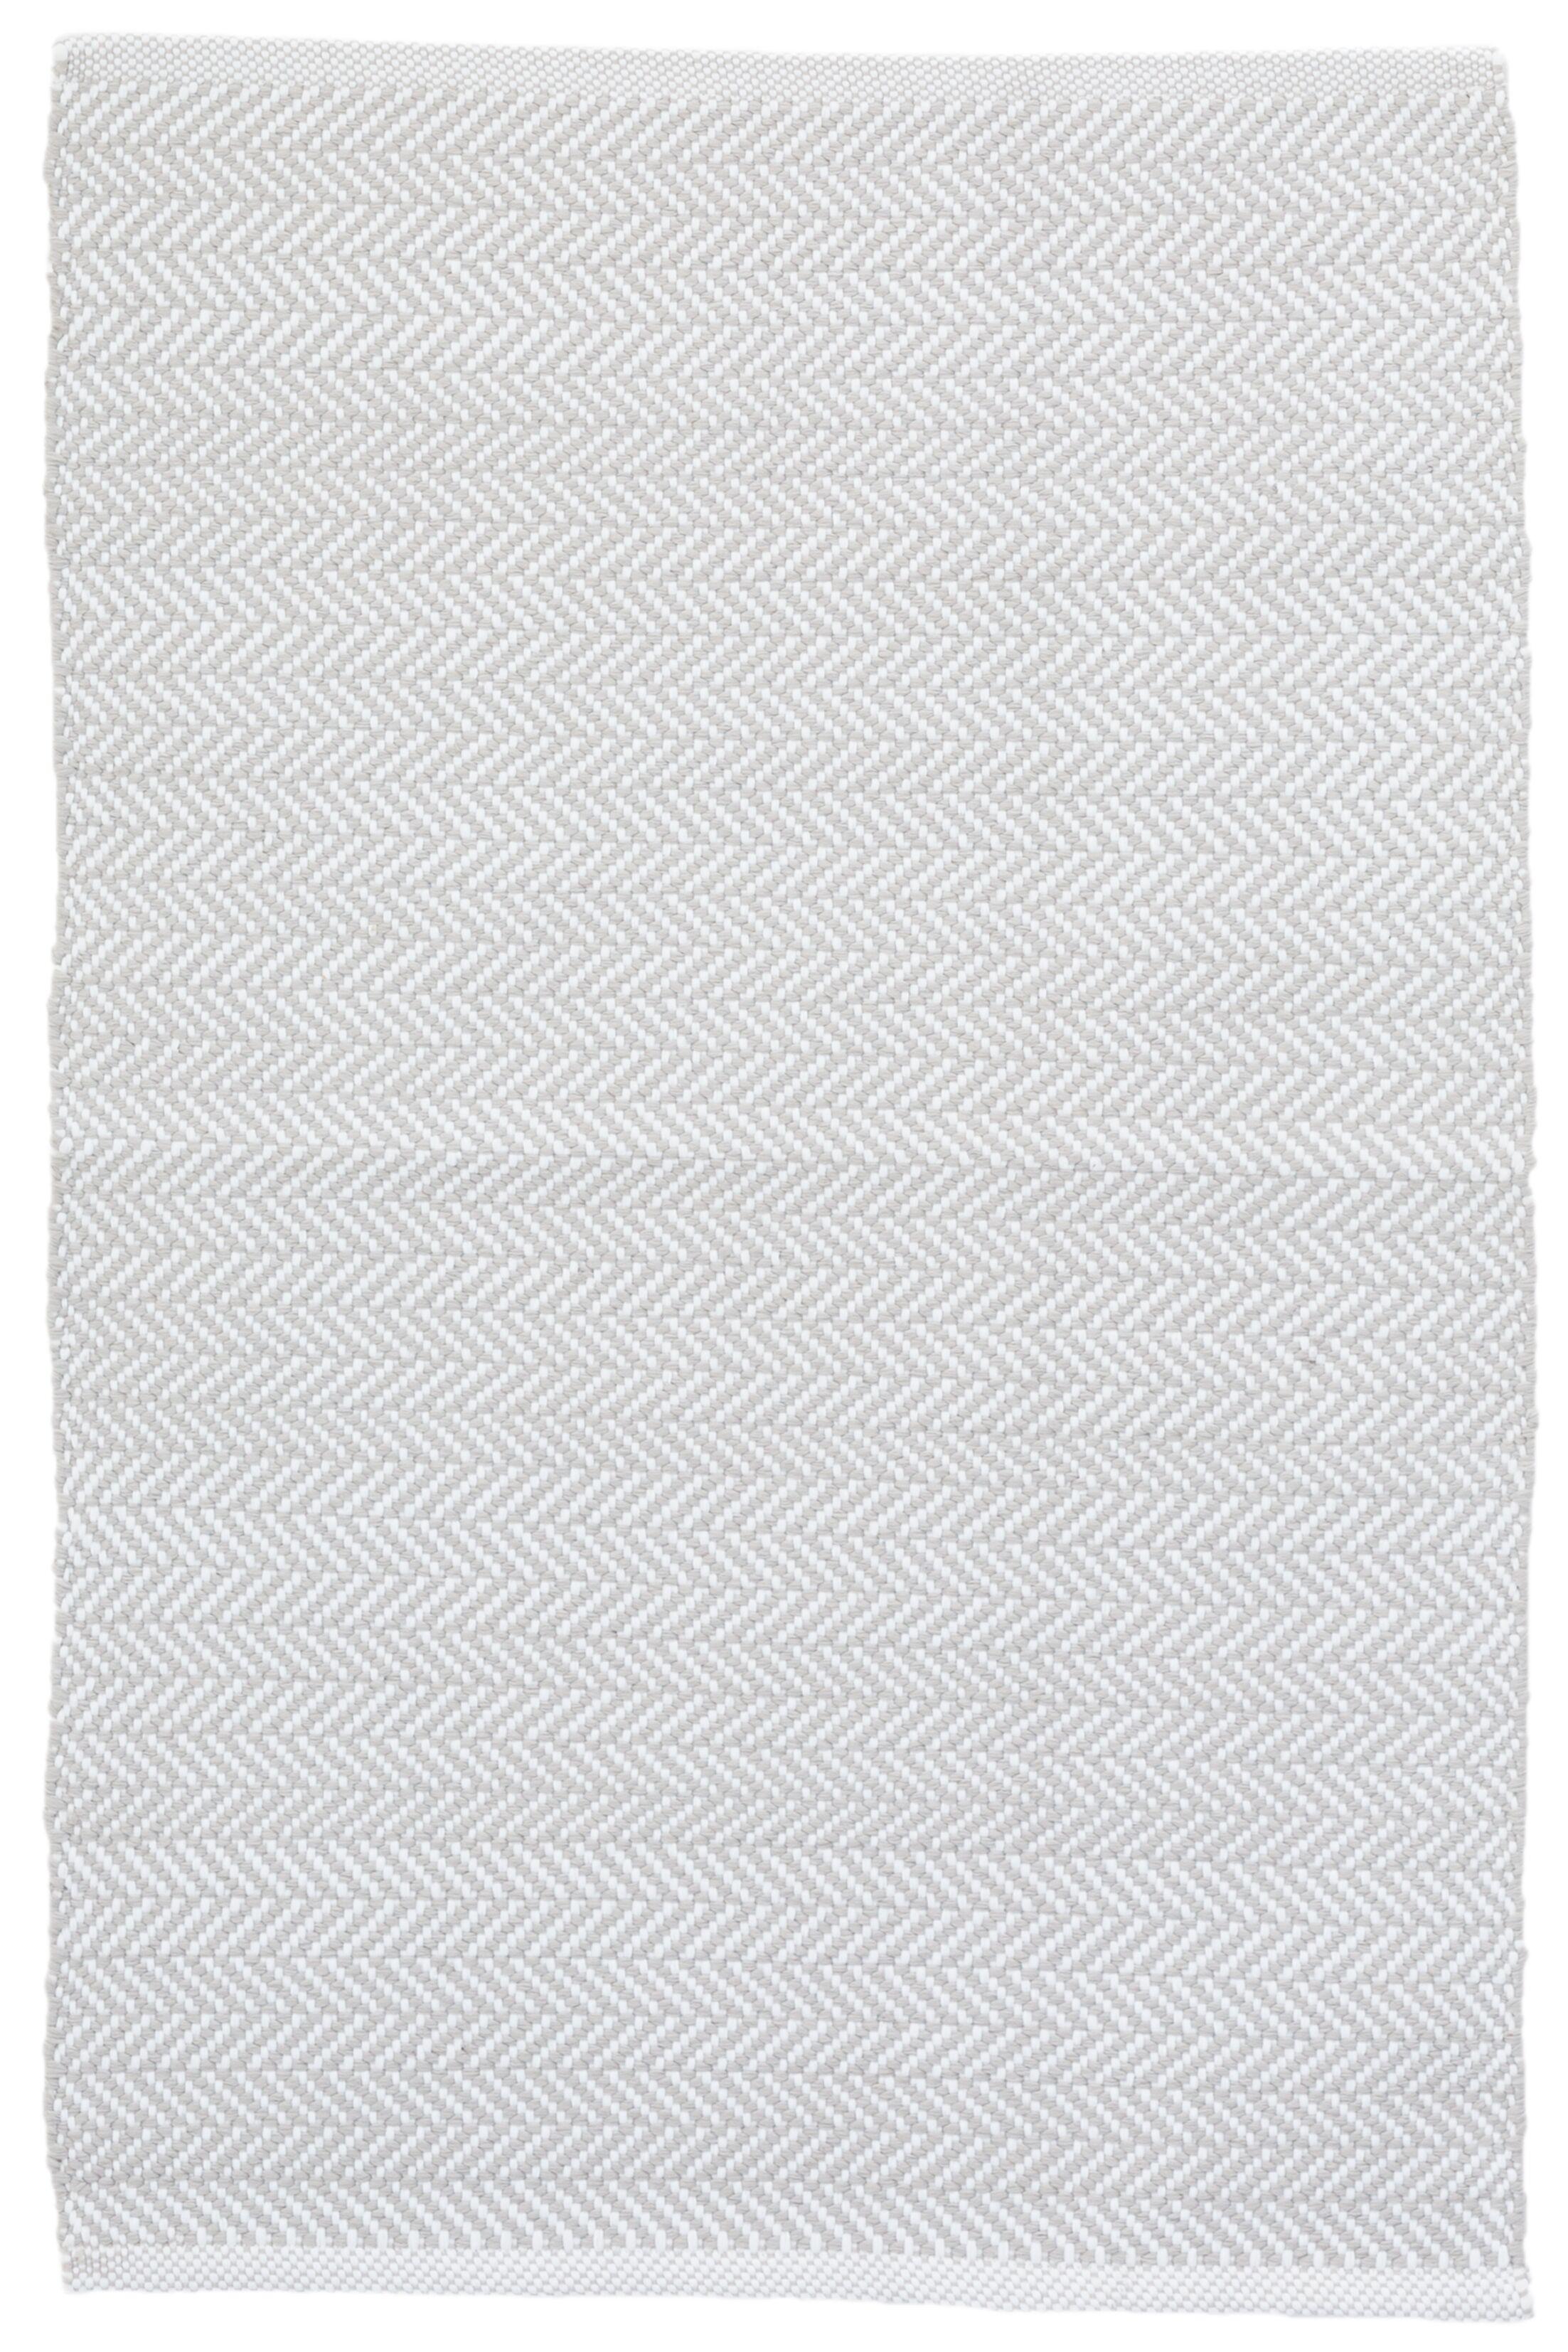 C3 Herringbone Gray Indoor/Outdoor Area Rug Rug Size: 4' x 6'